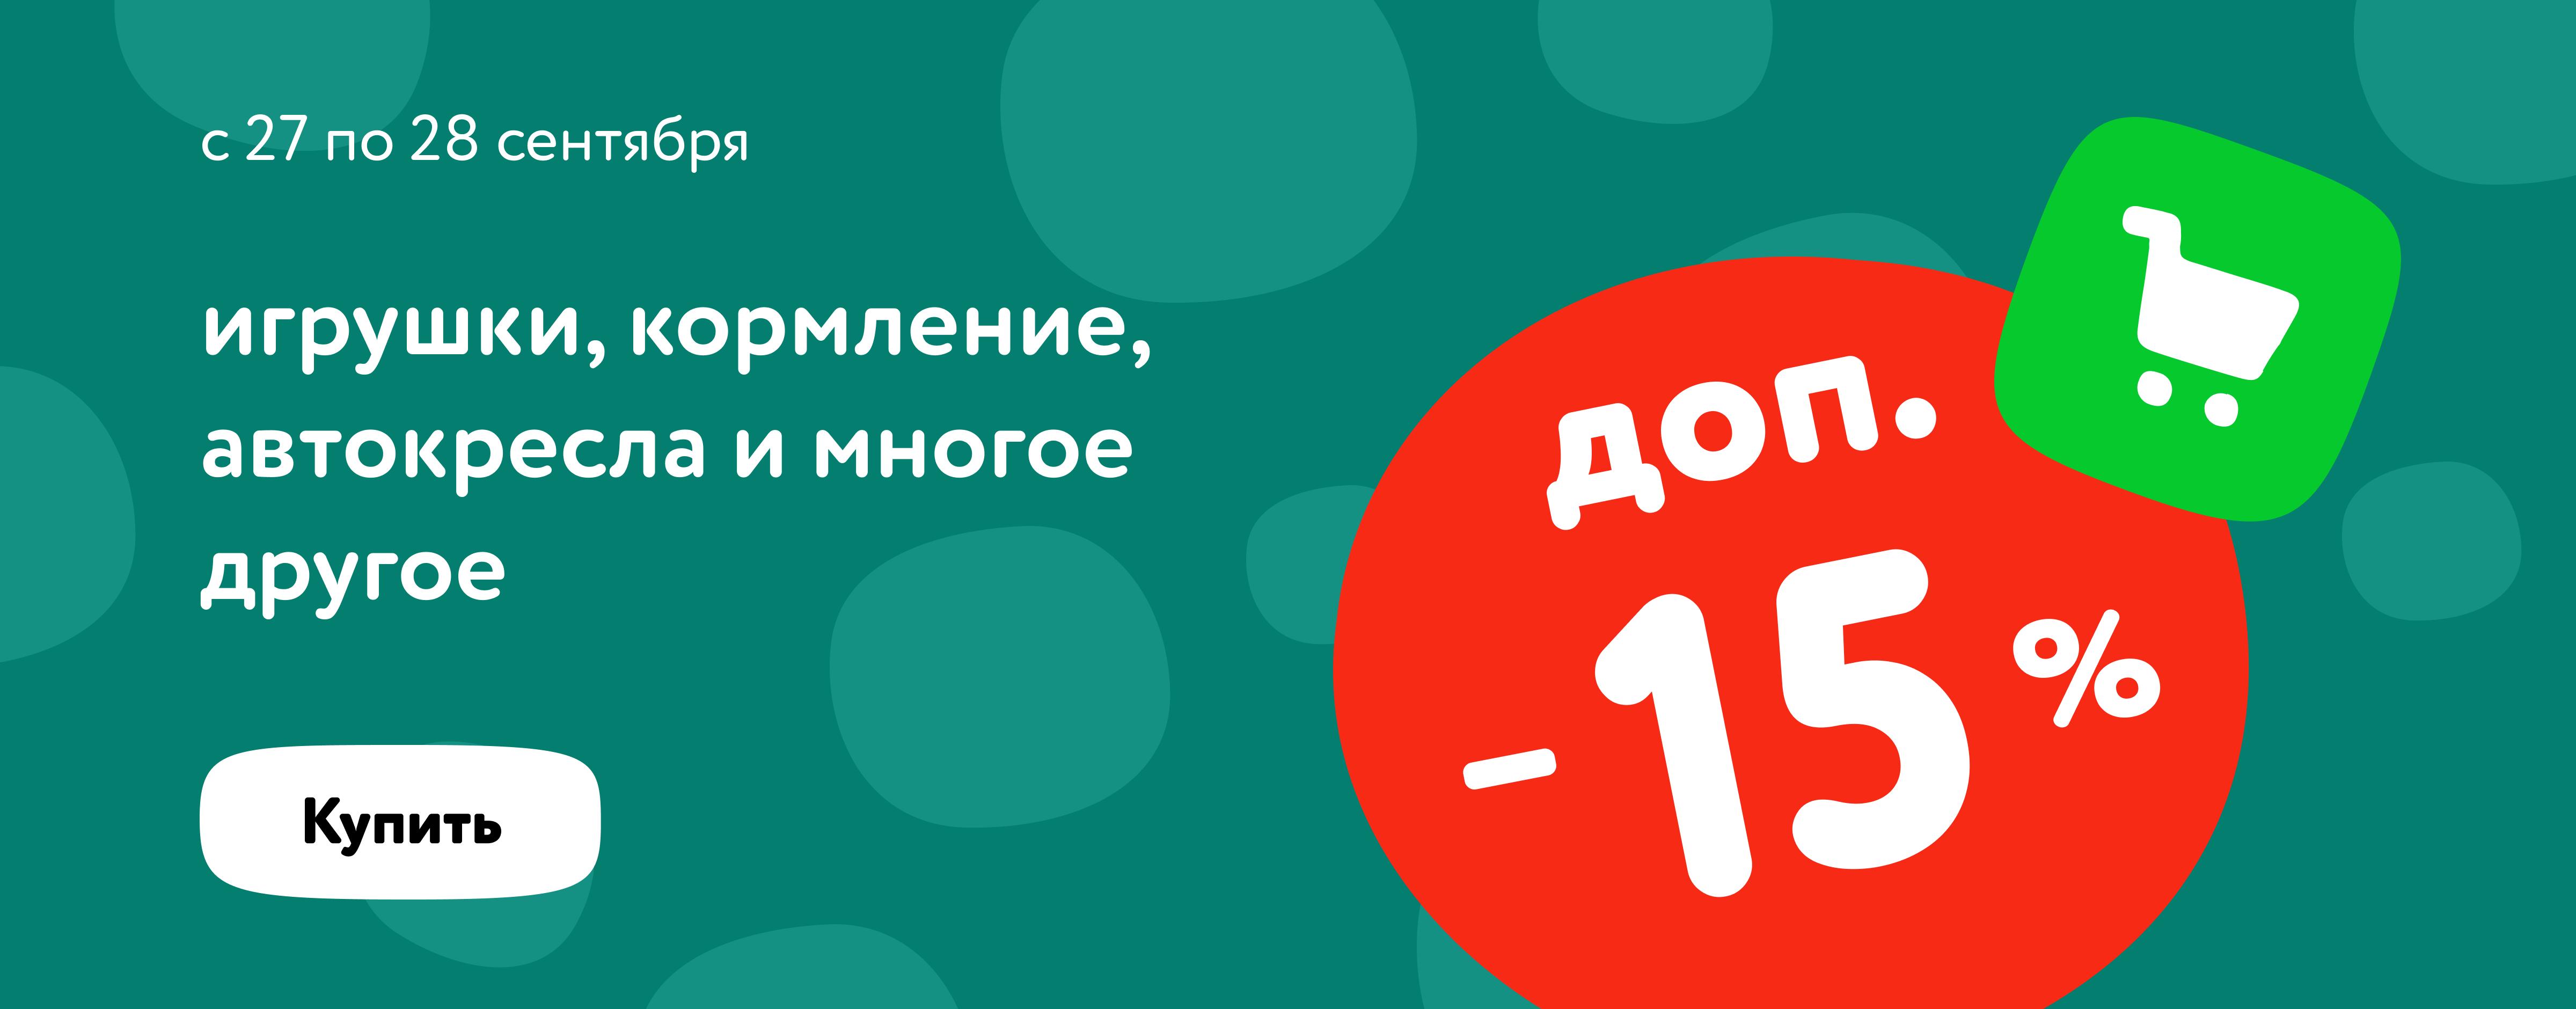 ТНП доп.скидка 15%